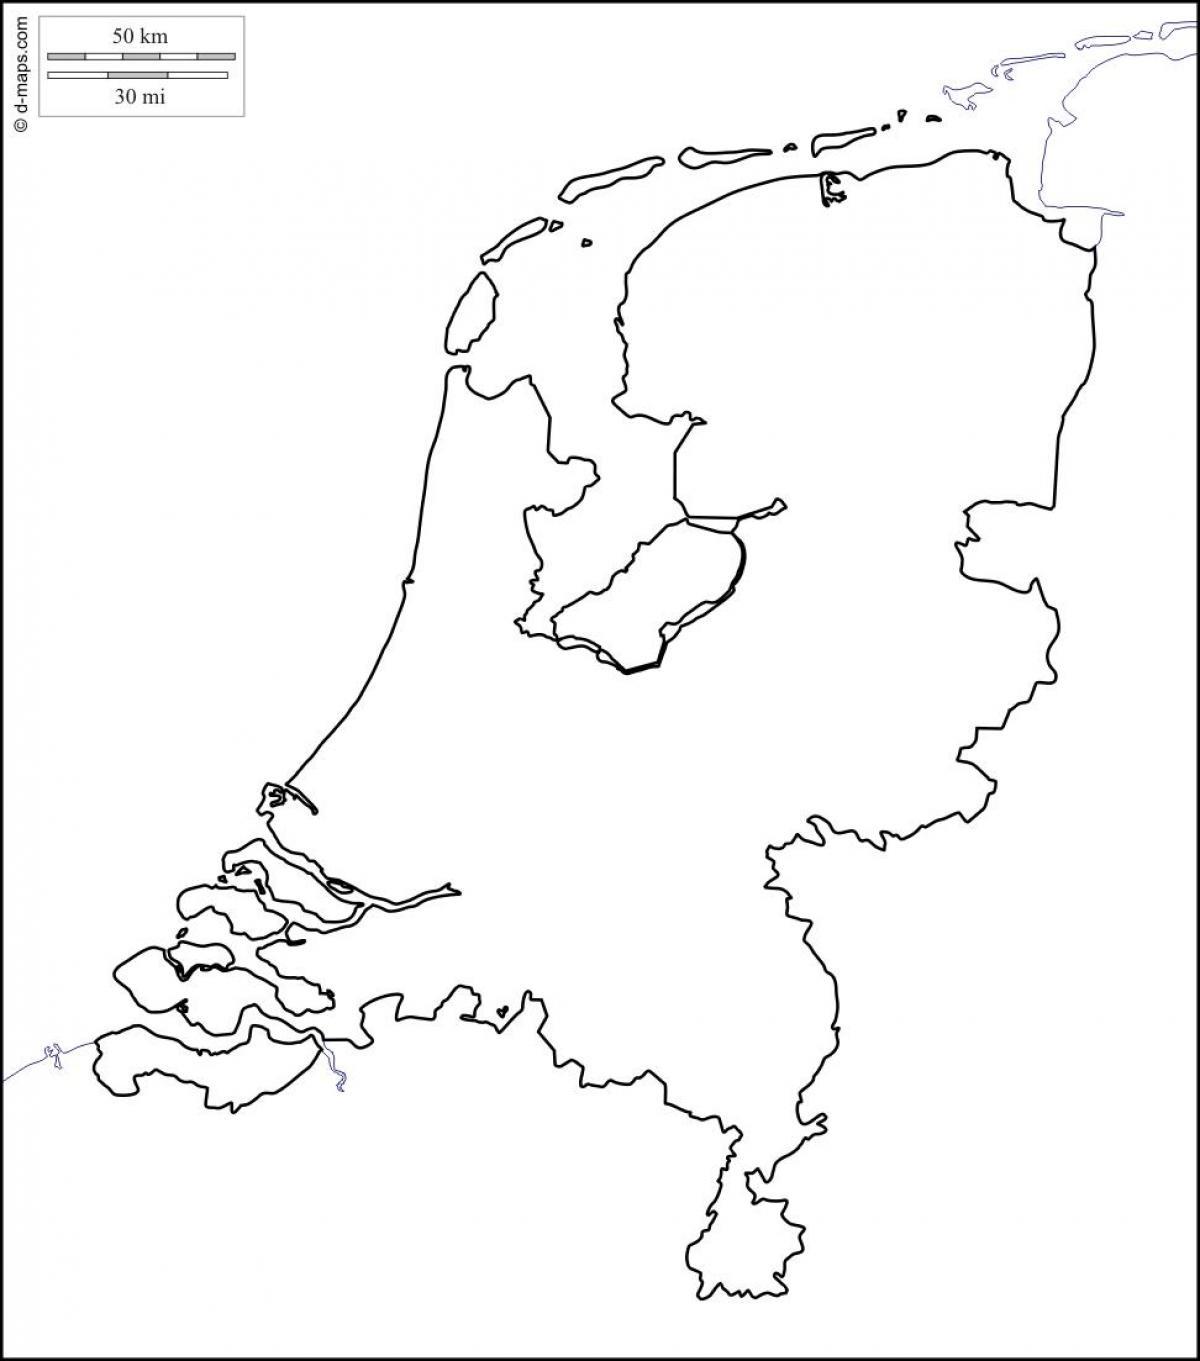 Niederlande Karte Umriss.Niederlande Karte Umriss Umriss Karte Der Niederlande